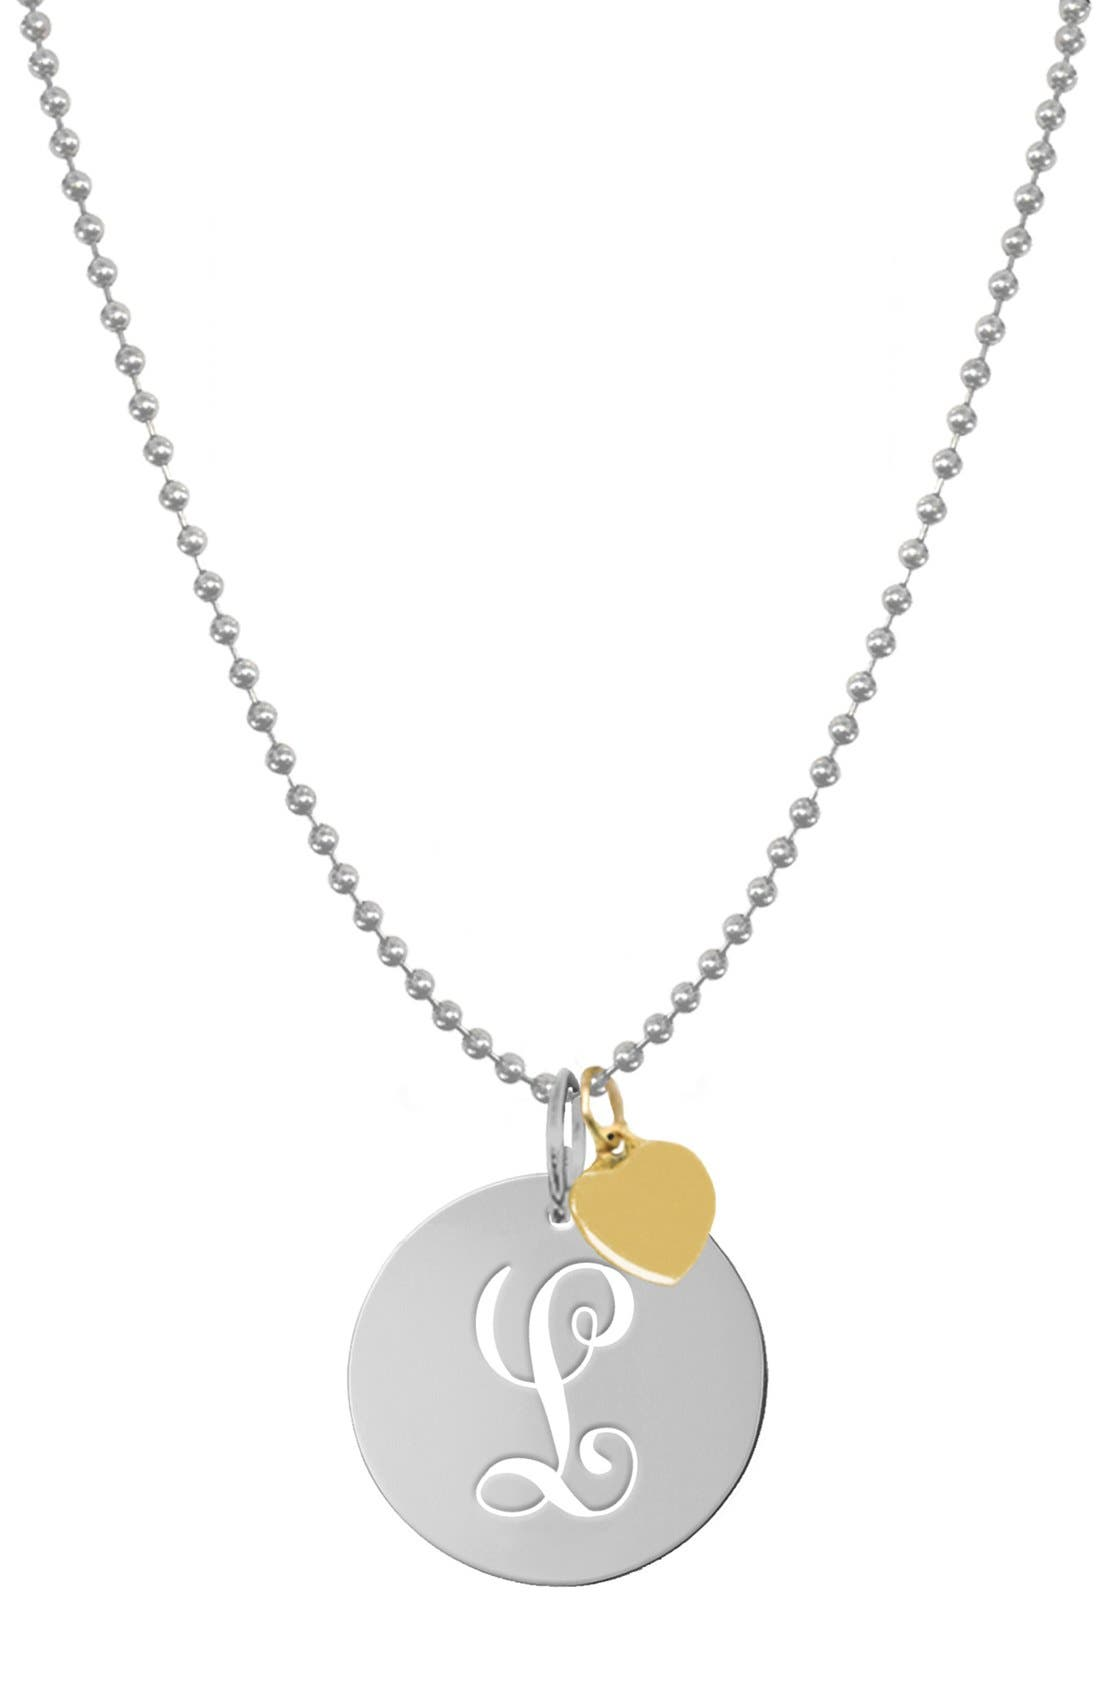 Personalized Script Initial Disc Pendant Necklace,                             Main thumbnail 1, color,                             SILVER - L